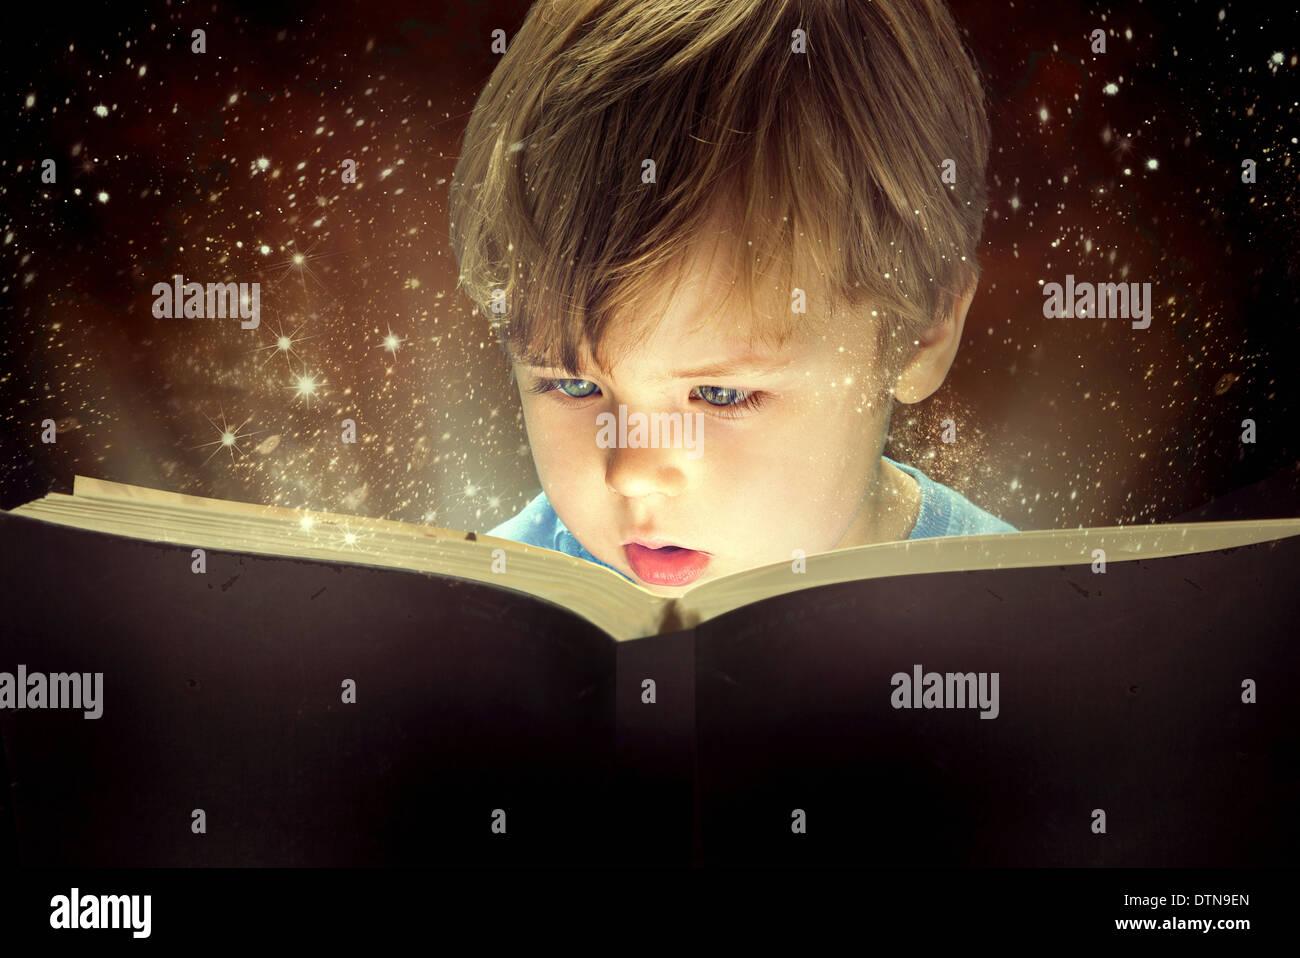 Chico y el viejo libro mágico Imagen De Stock